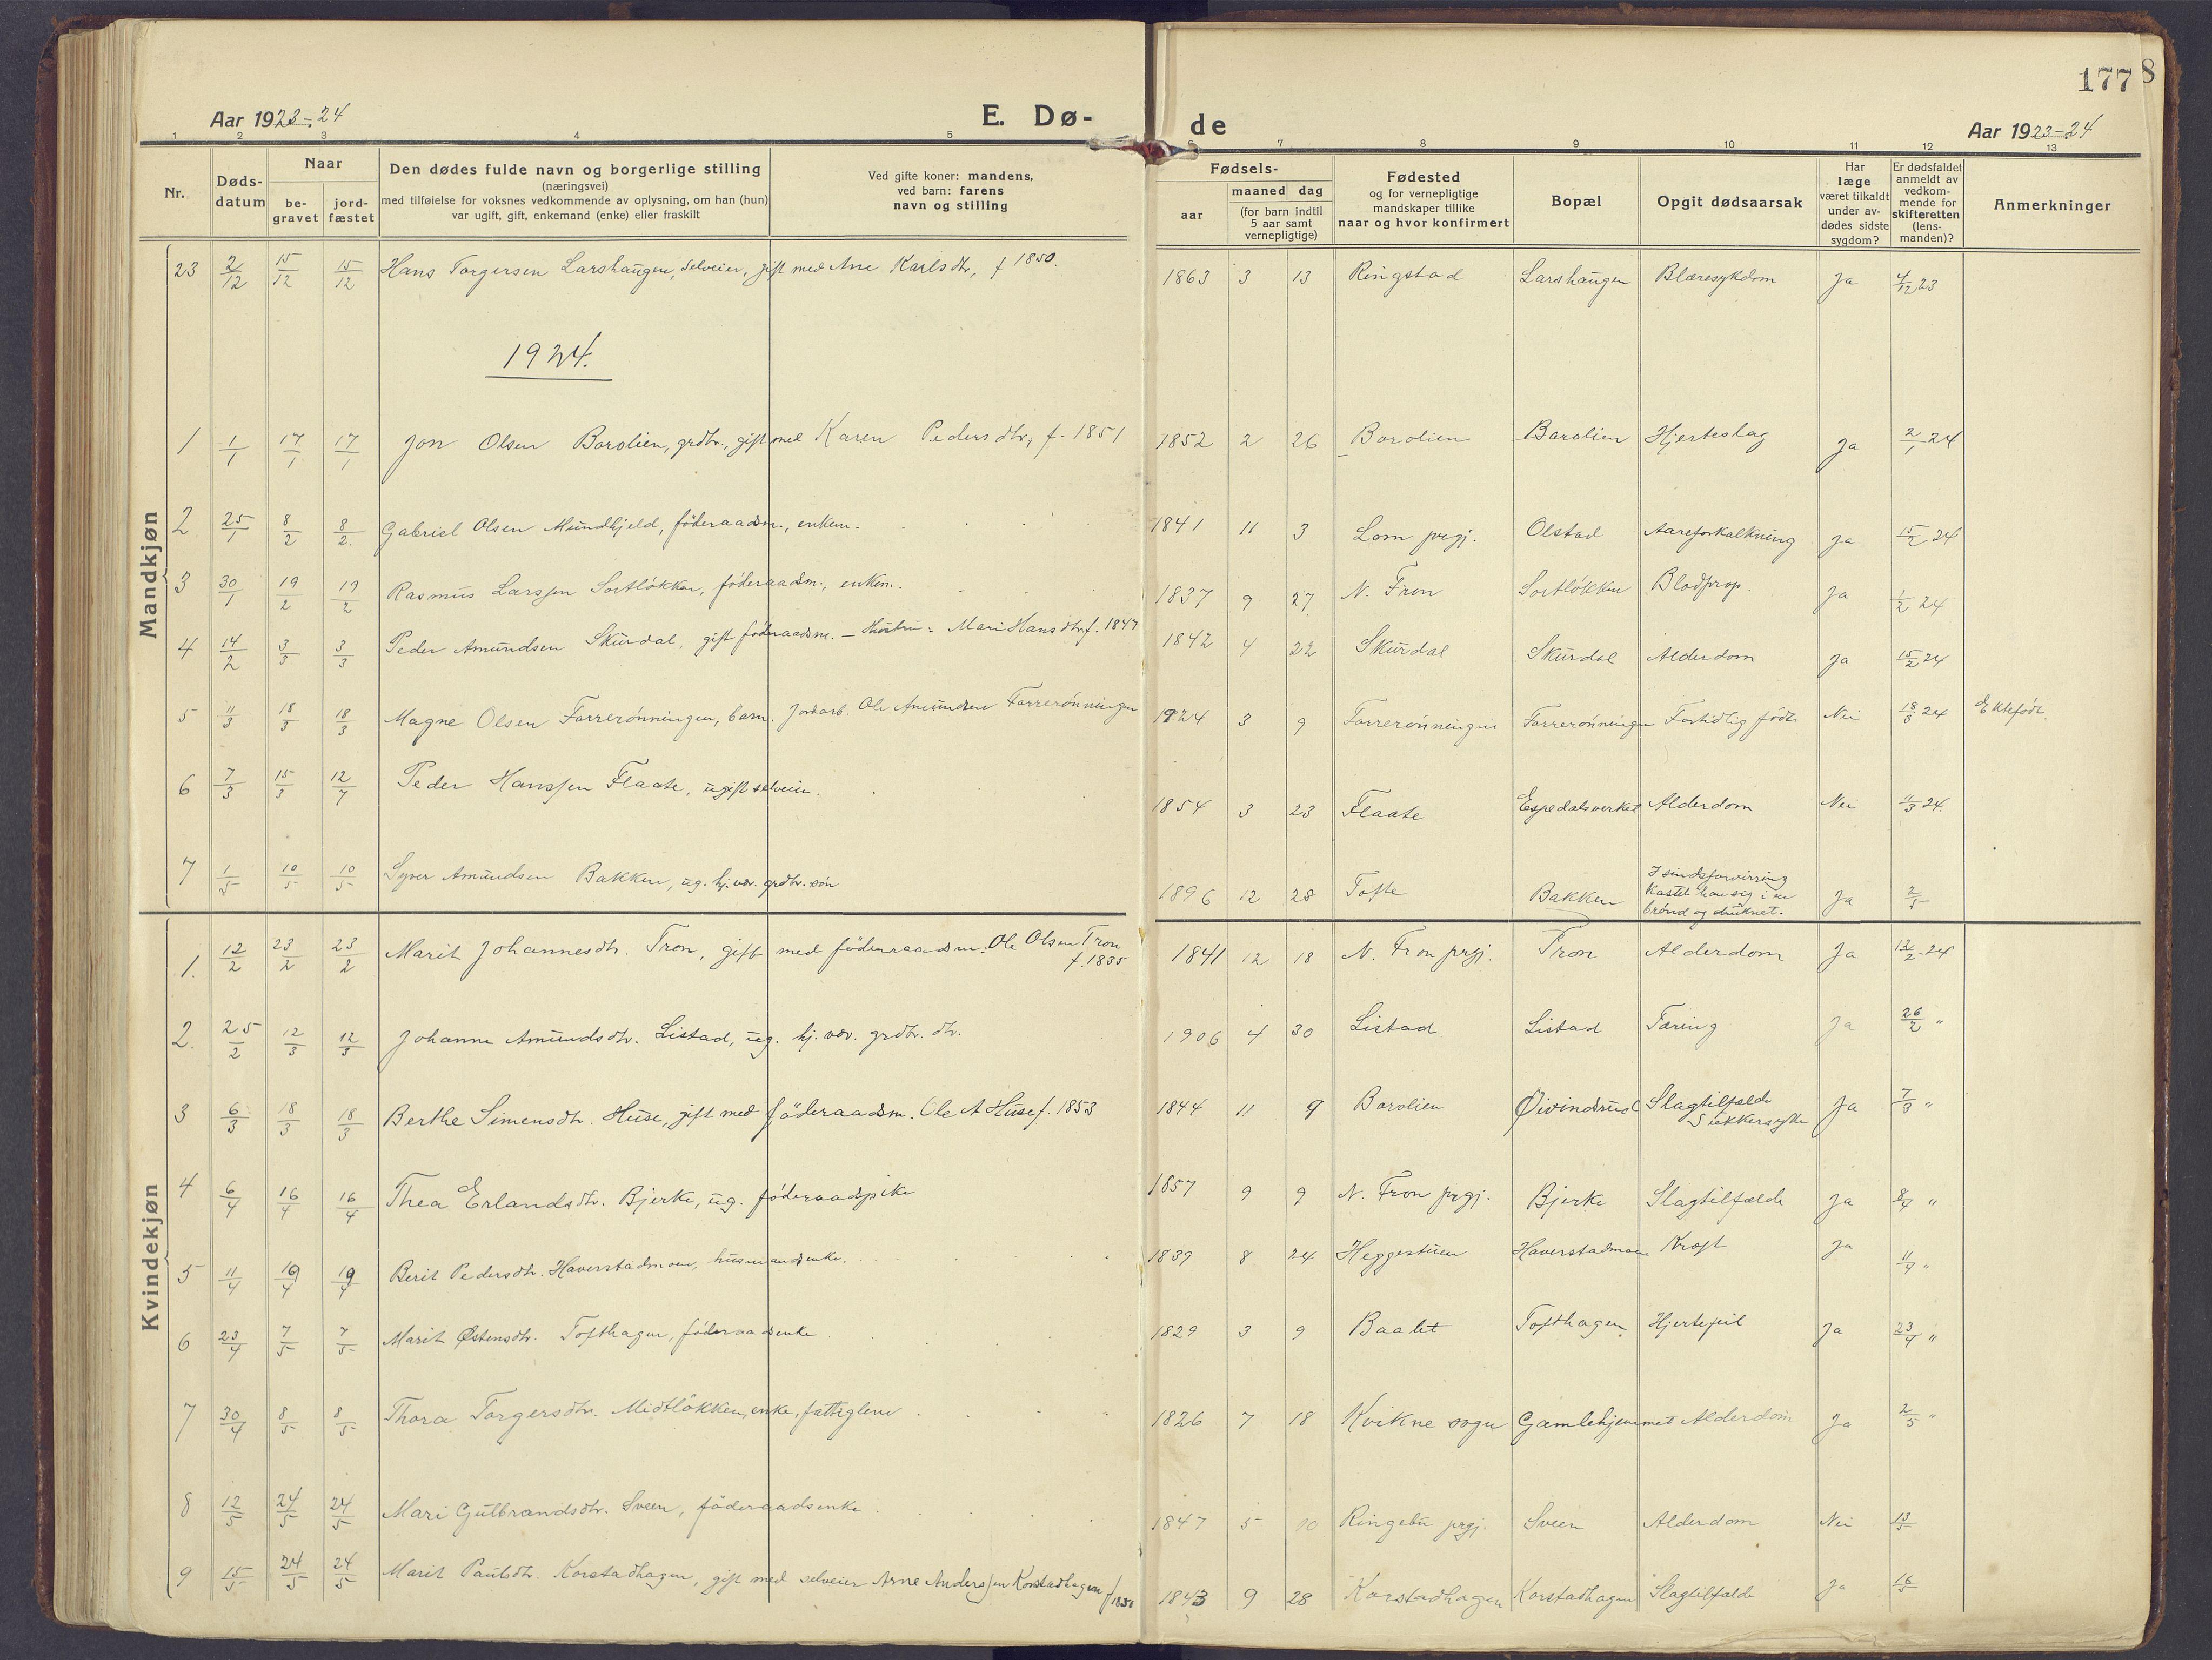 SAH, Sør-Fron prestekontor, H/Ha/Haa/L0005: Parish register (official) no. 5, 1920-1933, p. 177